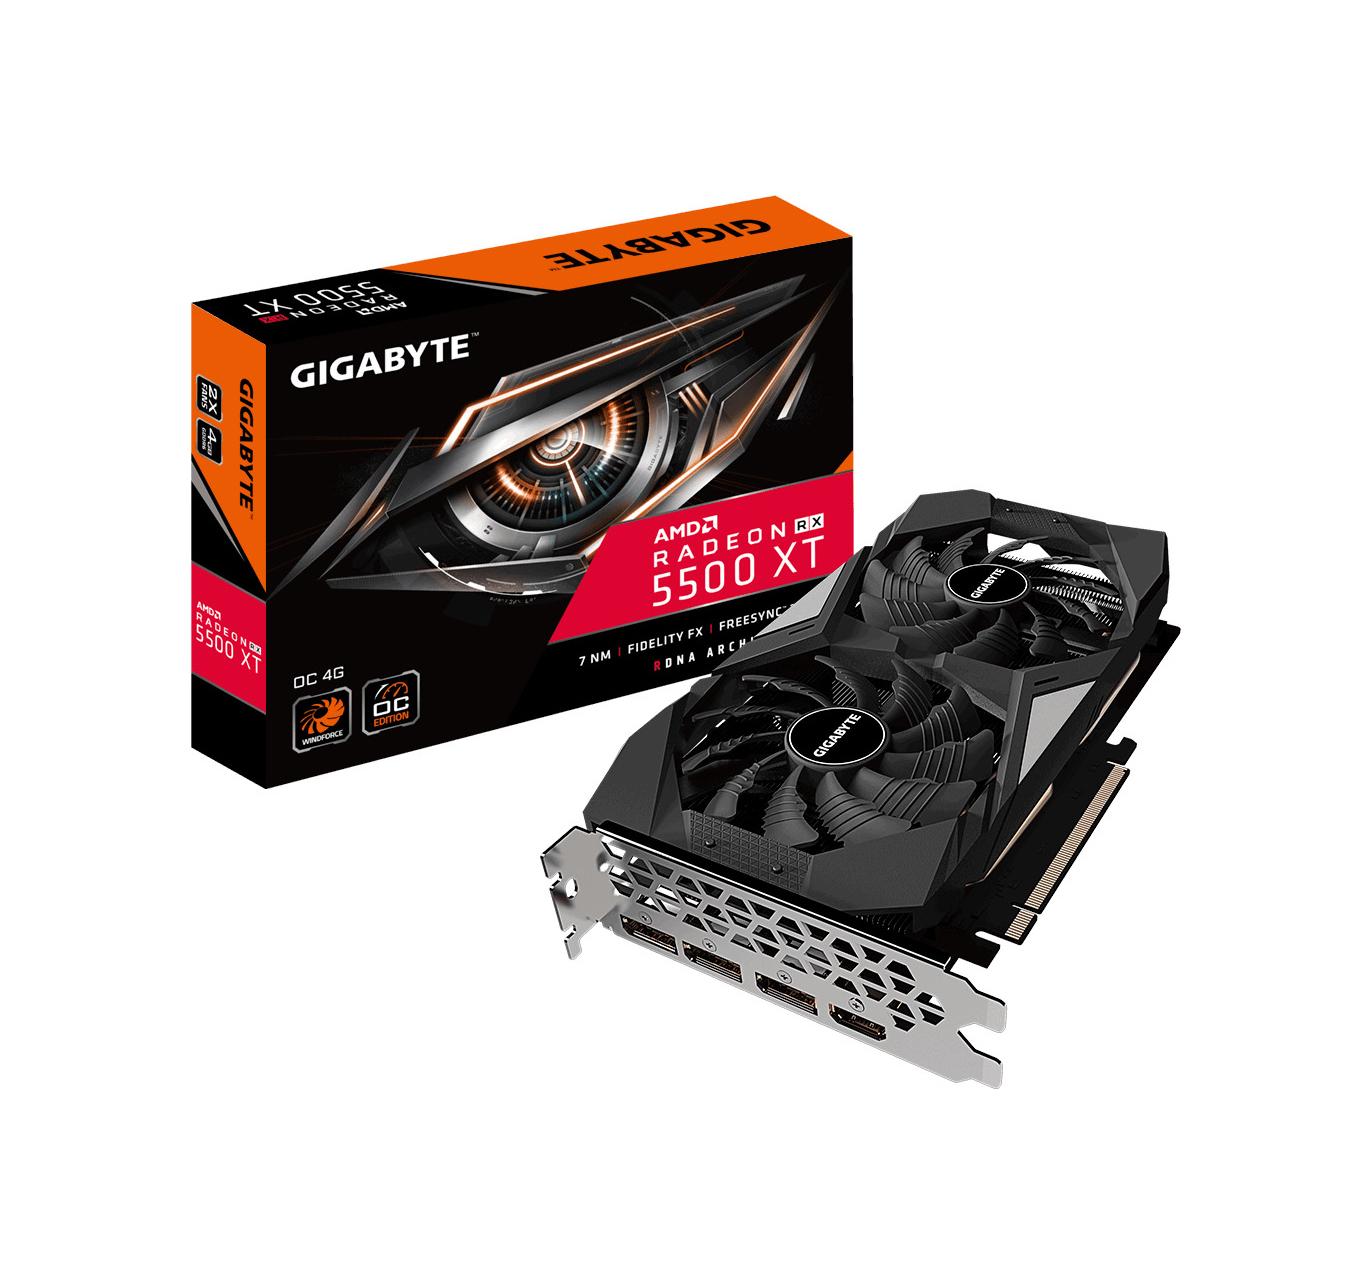 Gigabyte Radeon RX 5500 XT 4GB OC Κάρτα Γραφικών GV-R55XTOC-4GD